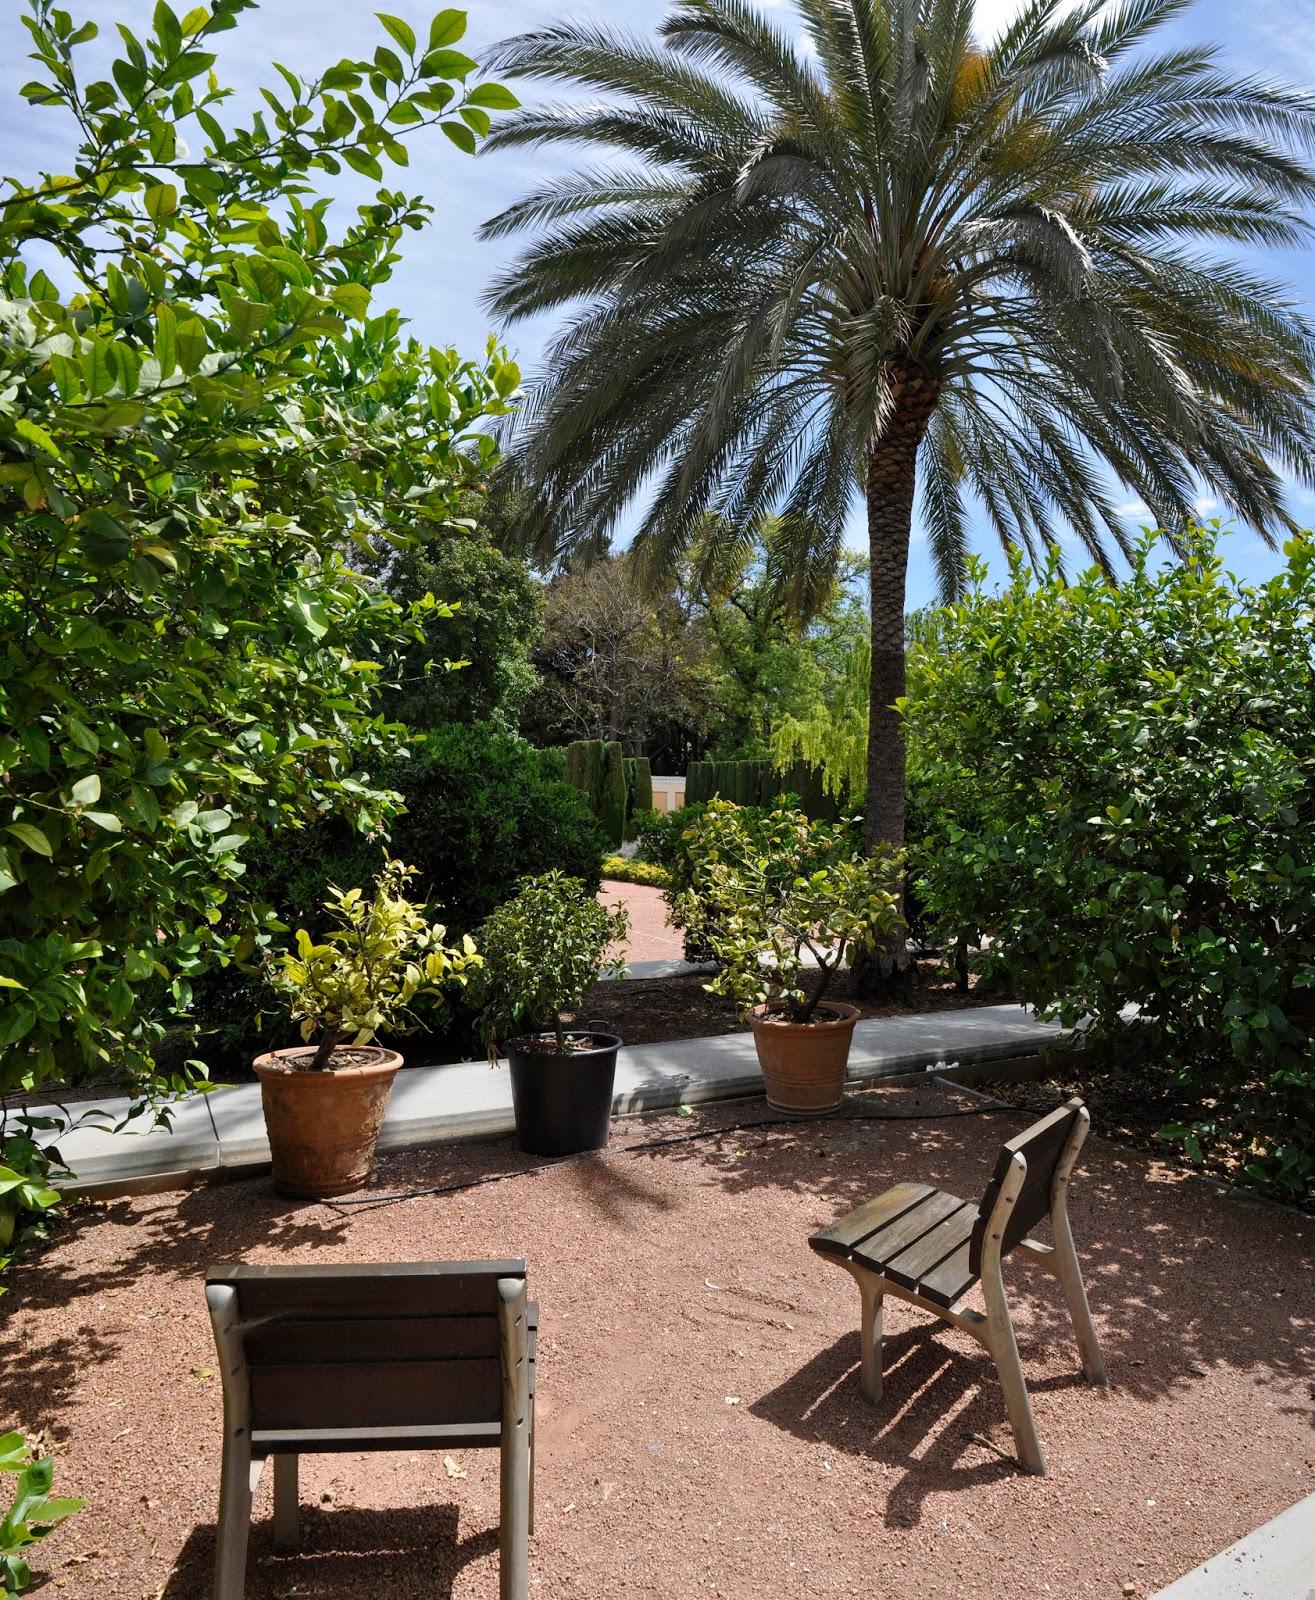 Val ncia arena y cal el jard n de las hesp rides de valencia for Jardin de las hesperides valencia